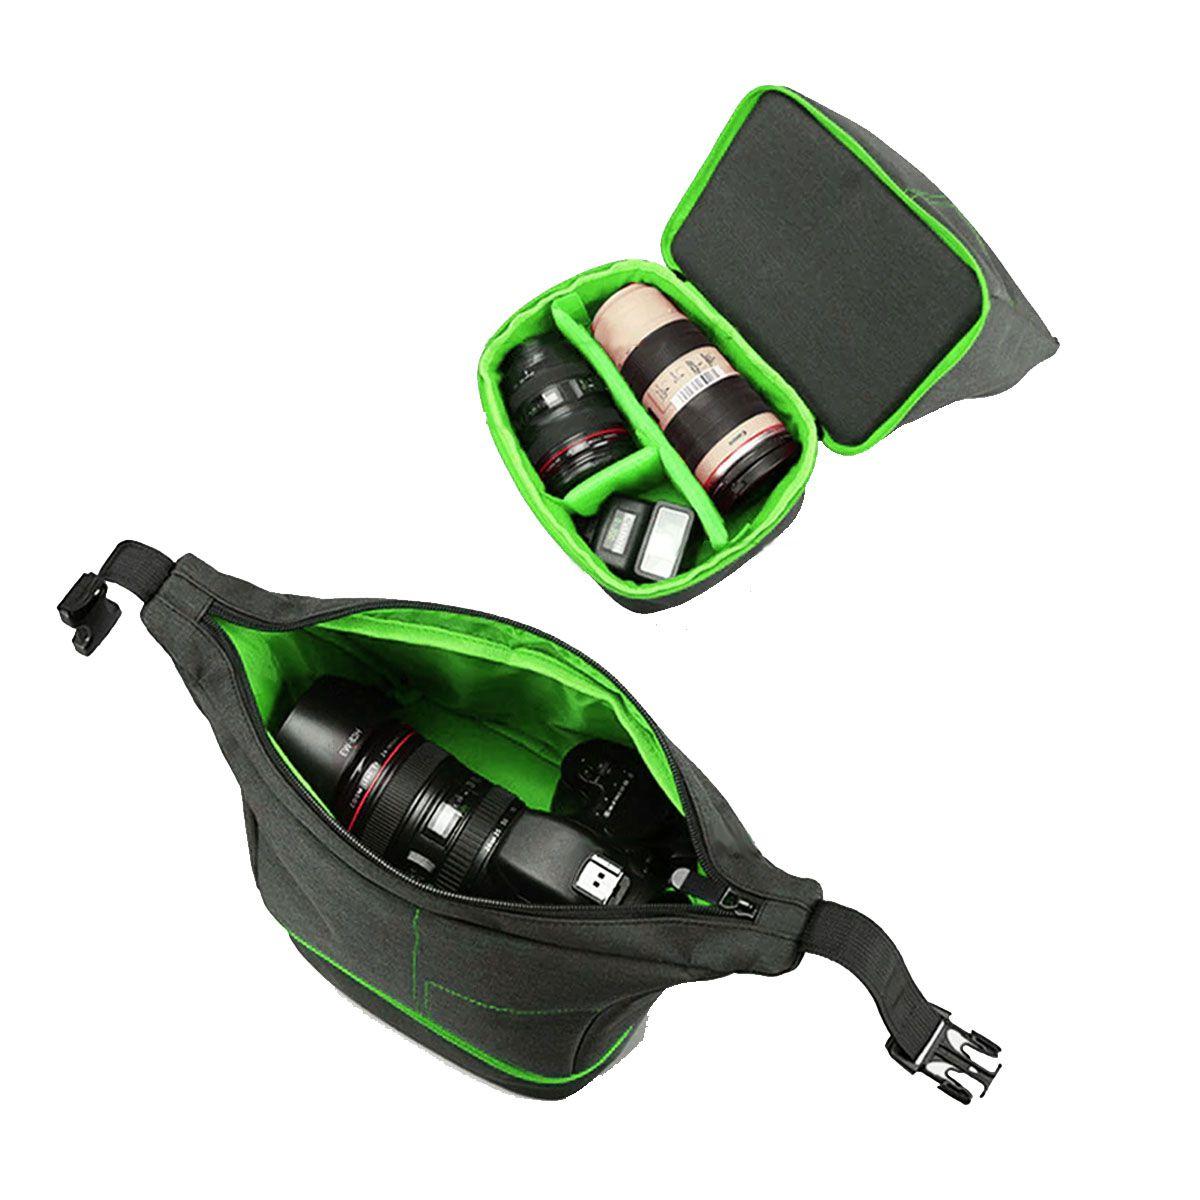 Bolsa Câmera DSLR ou Vídeo - ER 7513 VD com Kit de Limpeza EC05  - Diafilme Materiais Fotográficos